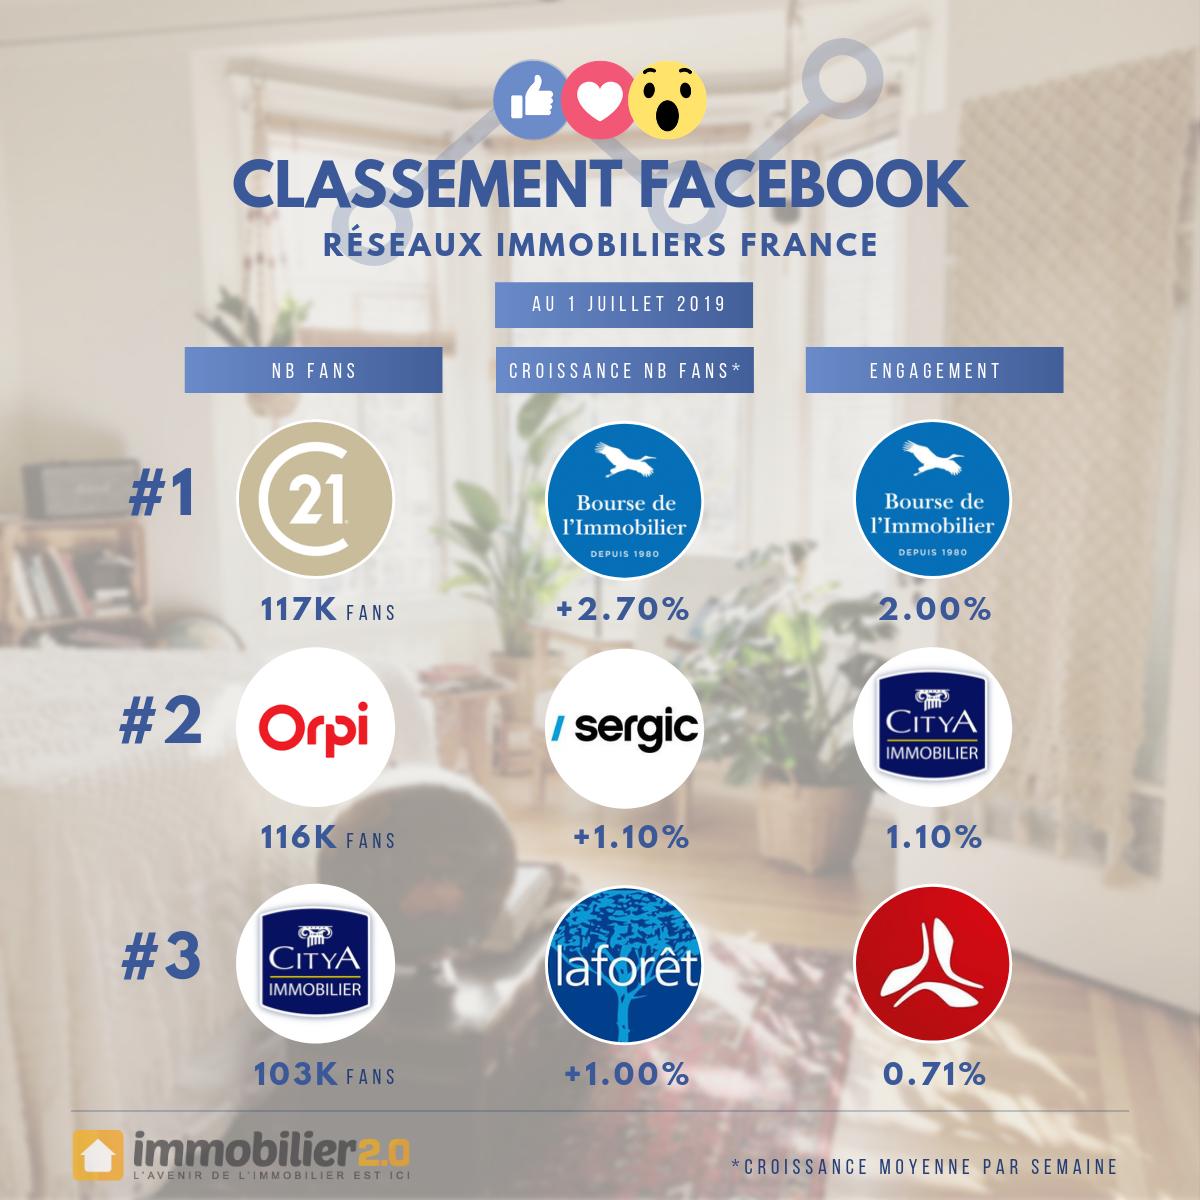 Classement Facebook Reseaux Immobiliers France Juillet 2019